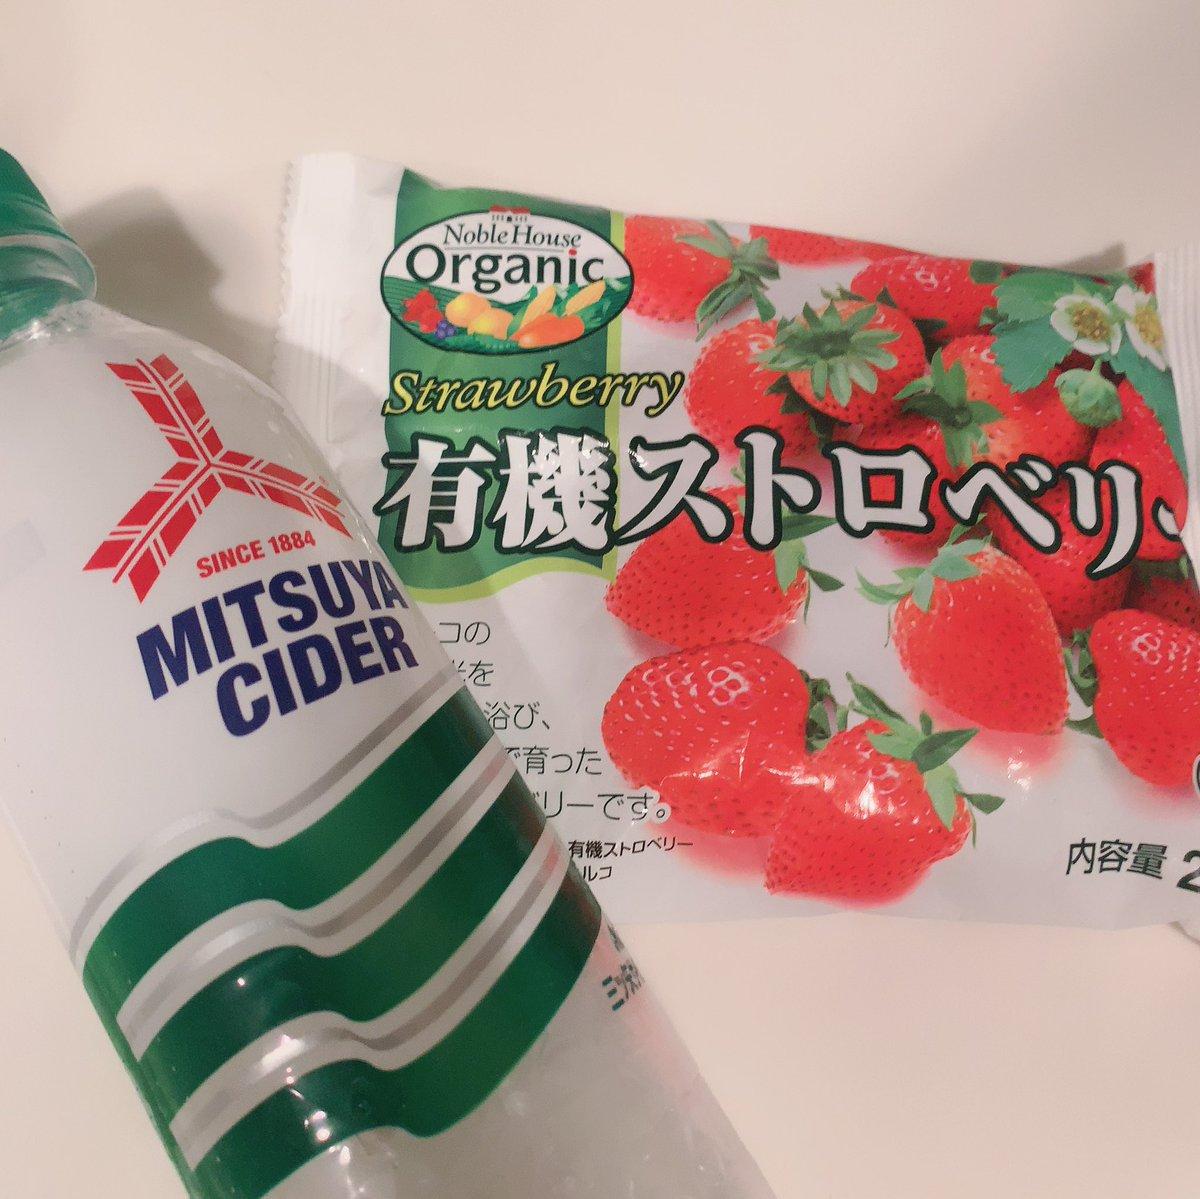 冷凍苺をコップに入れて三ツ矢サイダー注ぐとメチャクチャに旨い、夏にぴったり苺サイダーが出来ちゃうのでオススメです。タピオカ飲む様な太めのストロー(ダイソーに売ってるよ)で苺をクラッシュしながら飲むよ!!!最高最強!!!